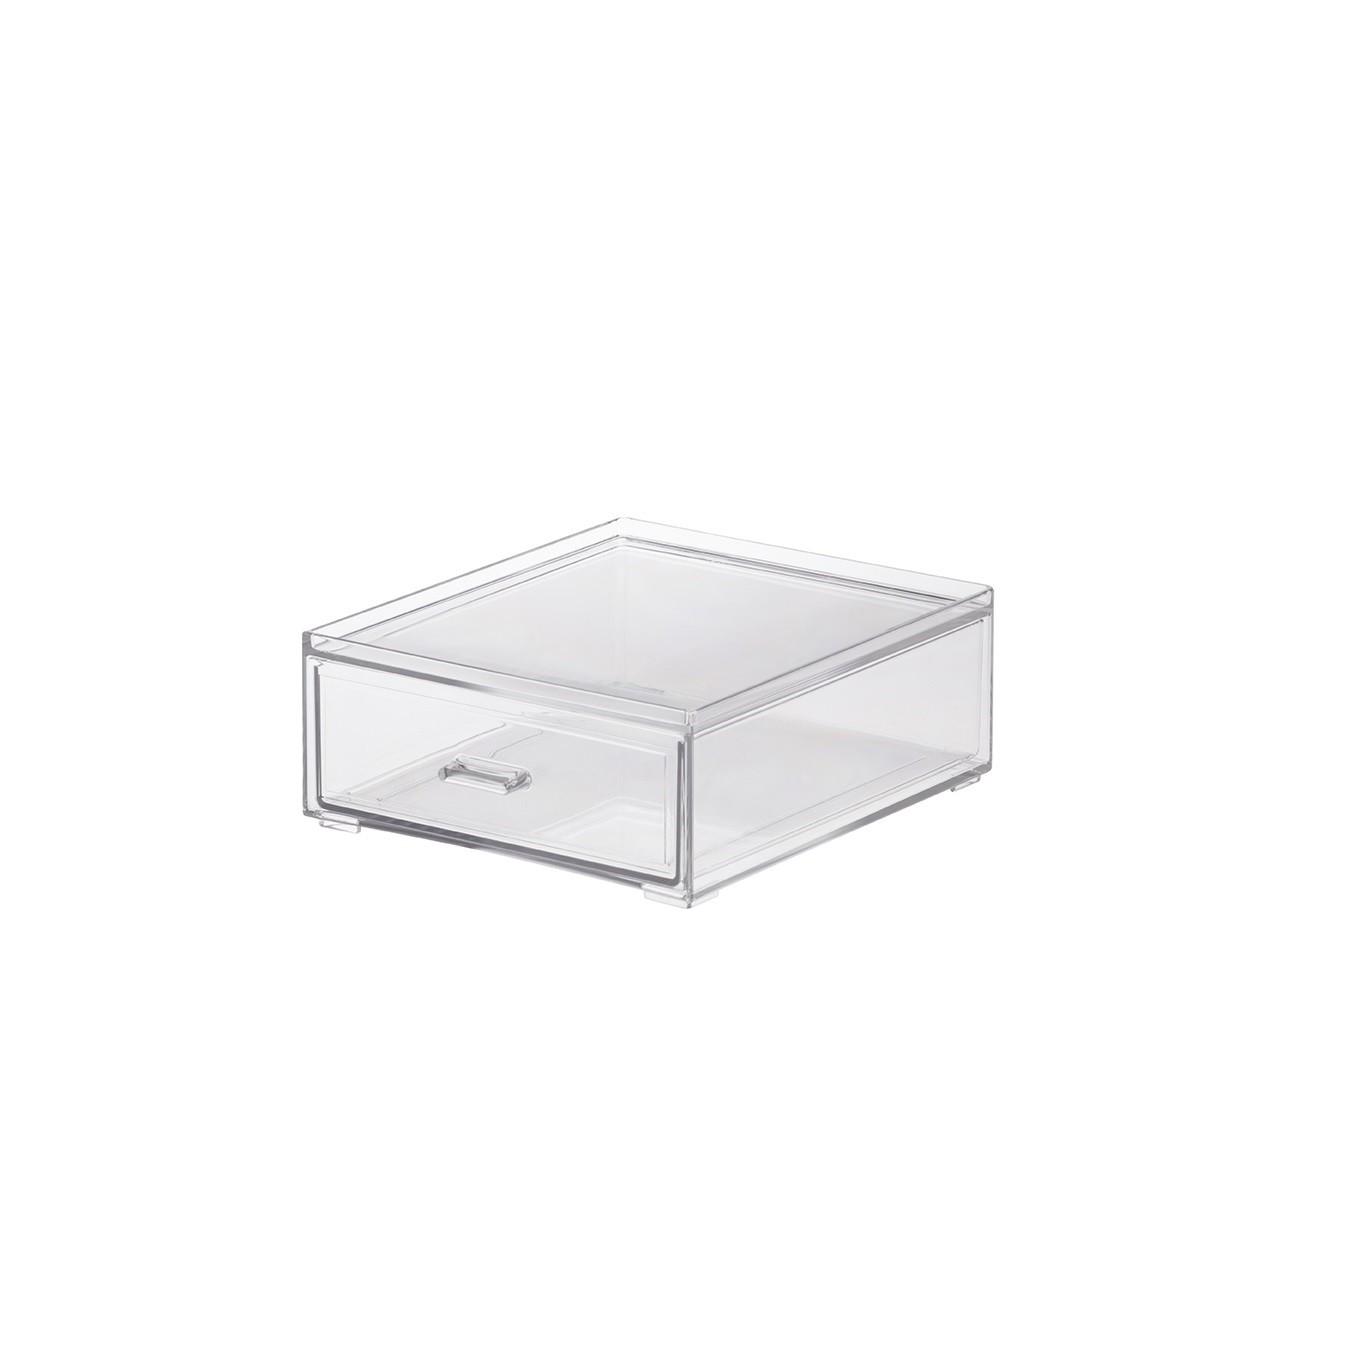 Caixa Organizadora Gaveta 16x185 cm Transparente - Paramount